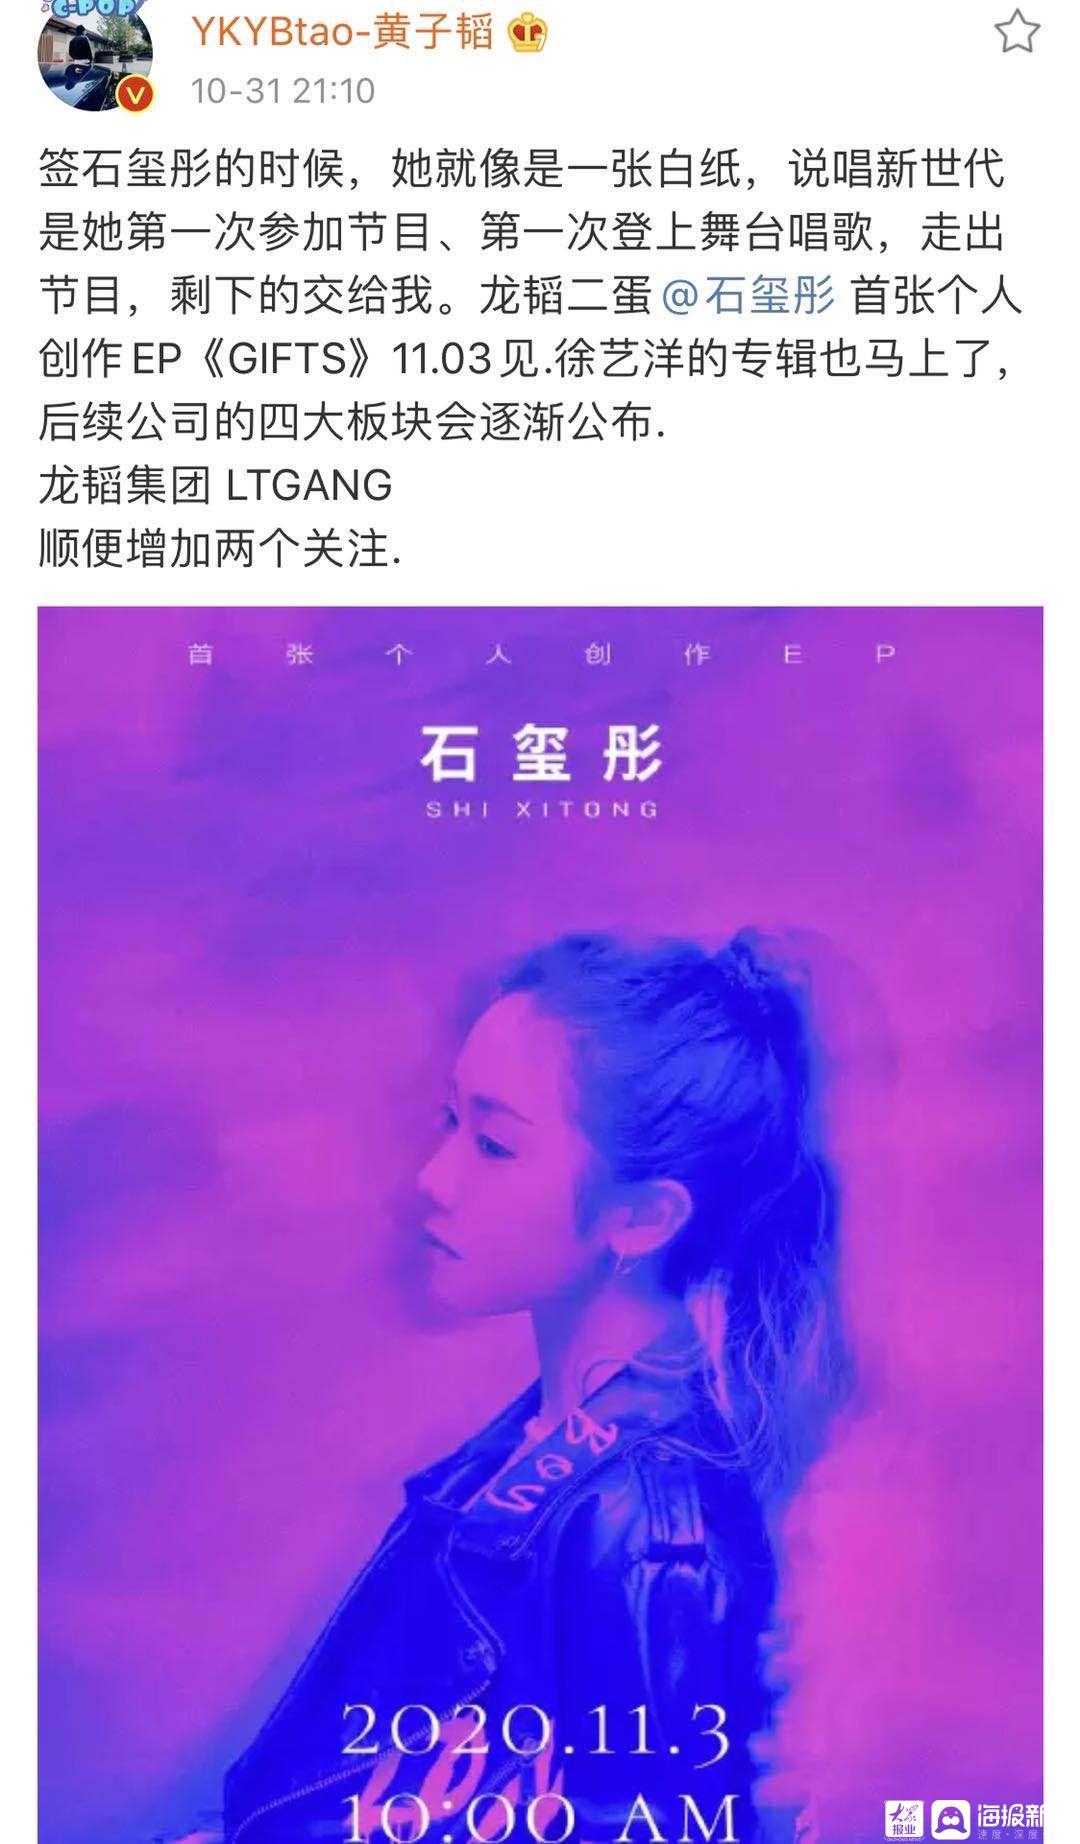 龙涛娱乐卫诗的第一部EP将于明天推出 欧美女孩将表演旋律说唱